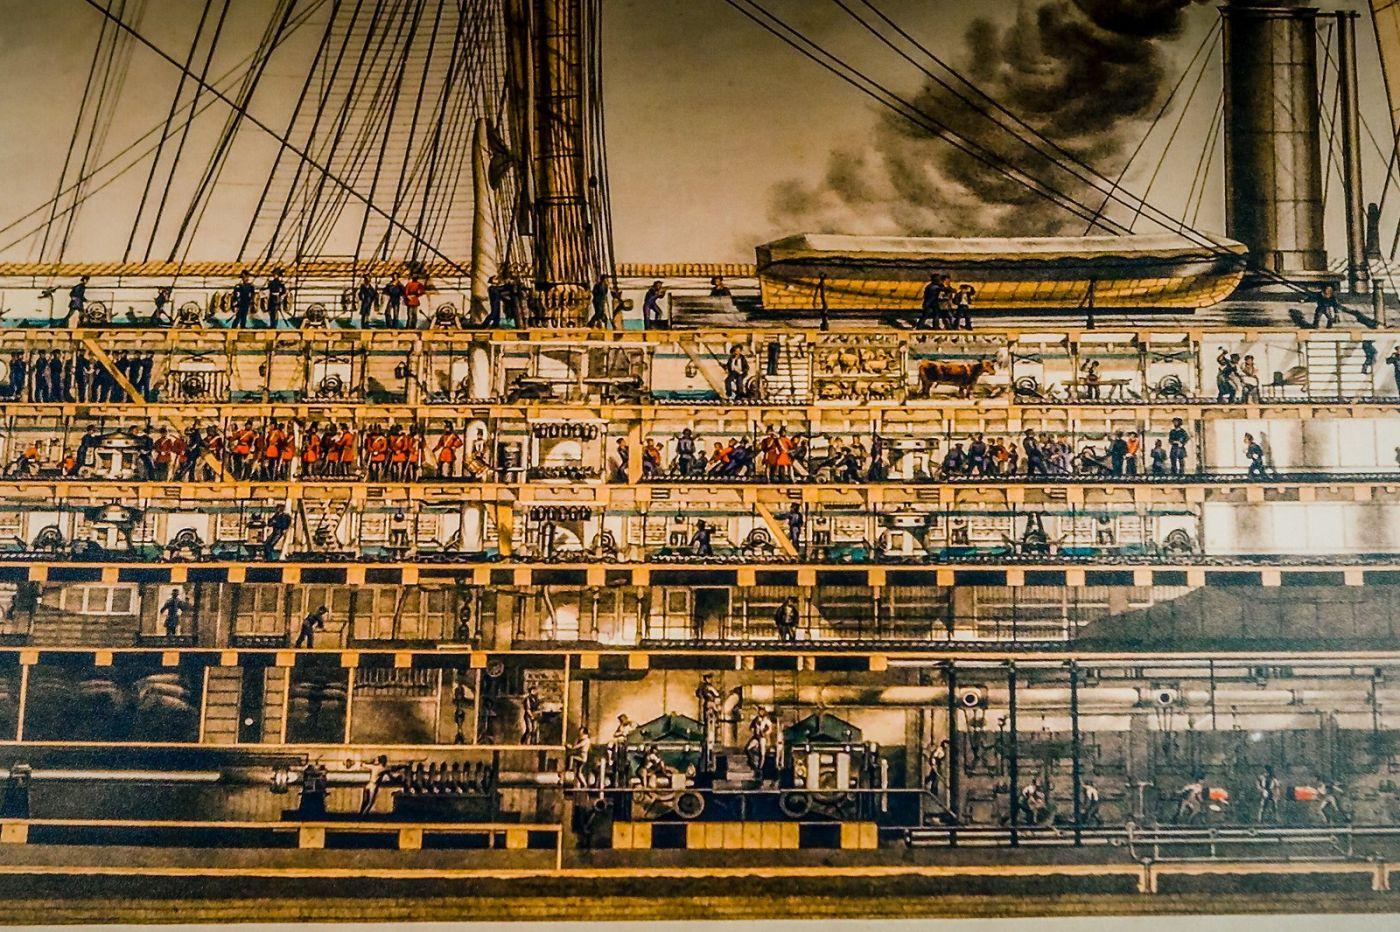 加拿大哈利法克斯(Halifax)大西洋海事博物馆_图1-16